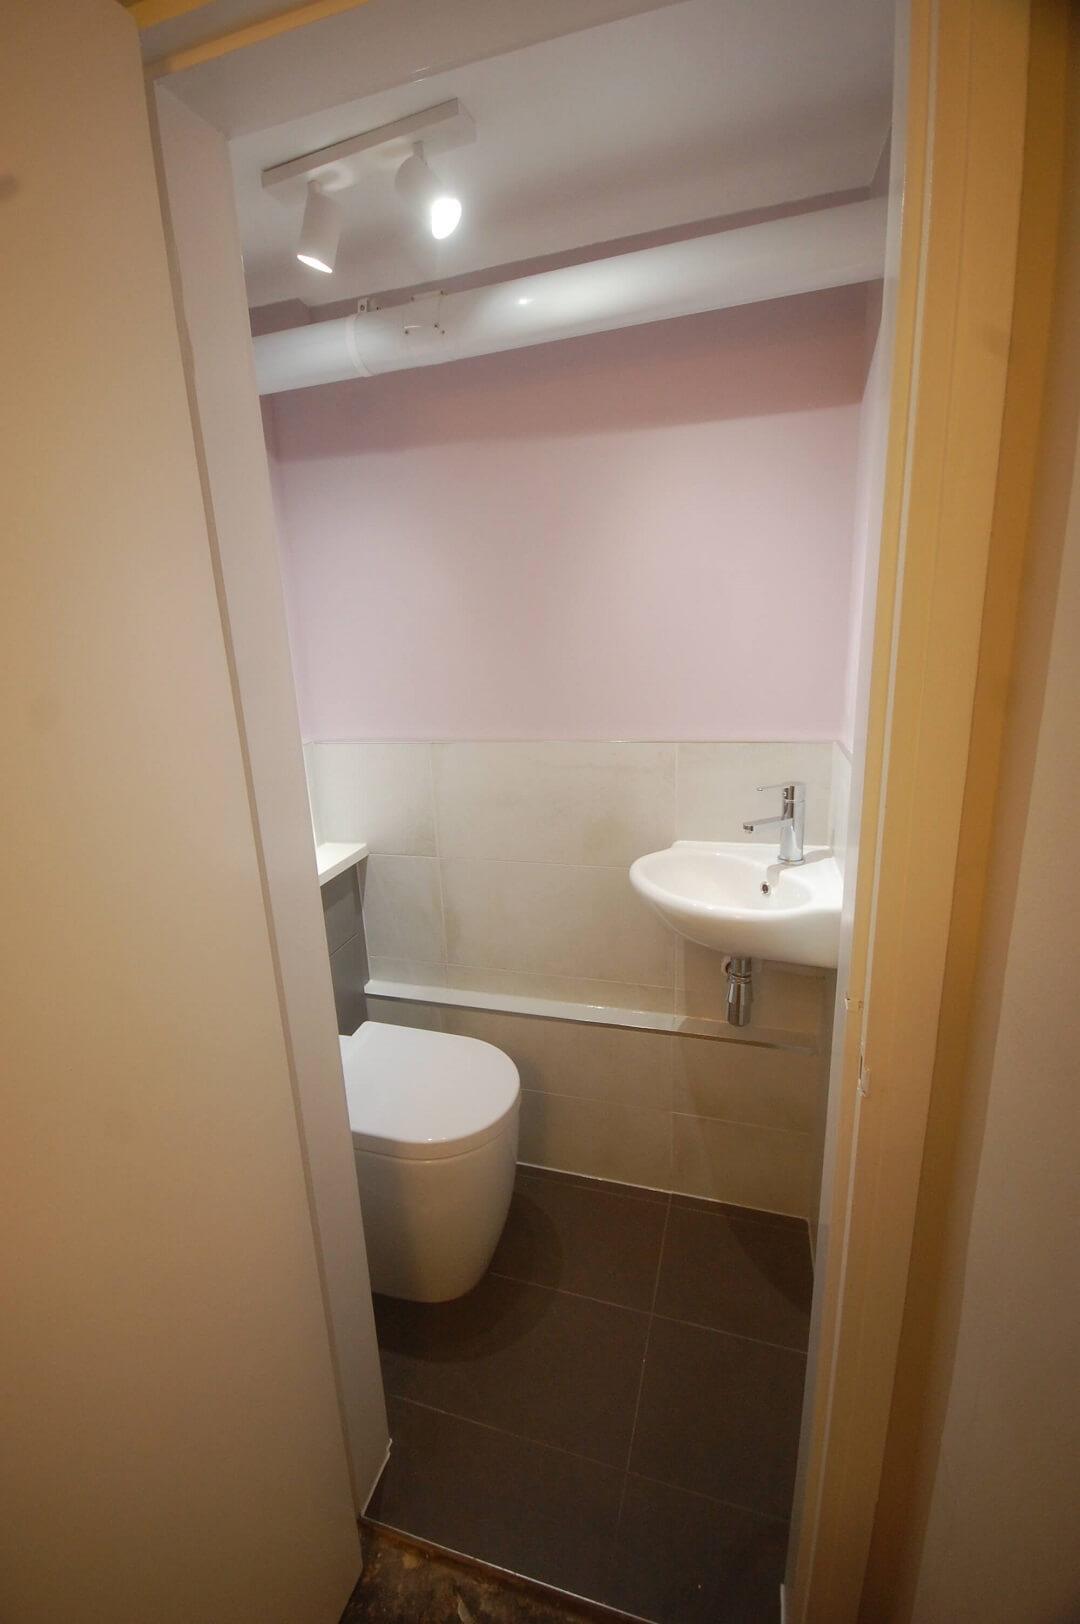 Cloakroom SE3 After 1-Complete Kitchens & Bathrooms Portfolio